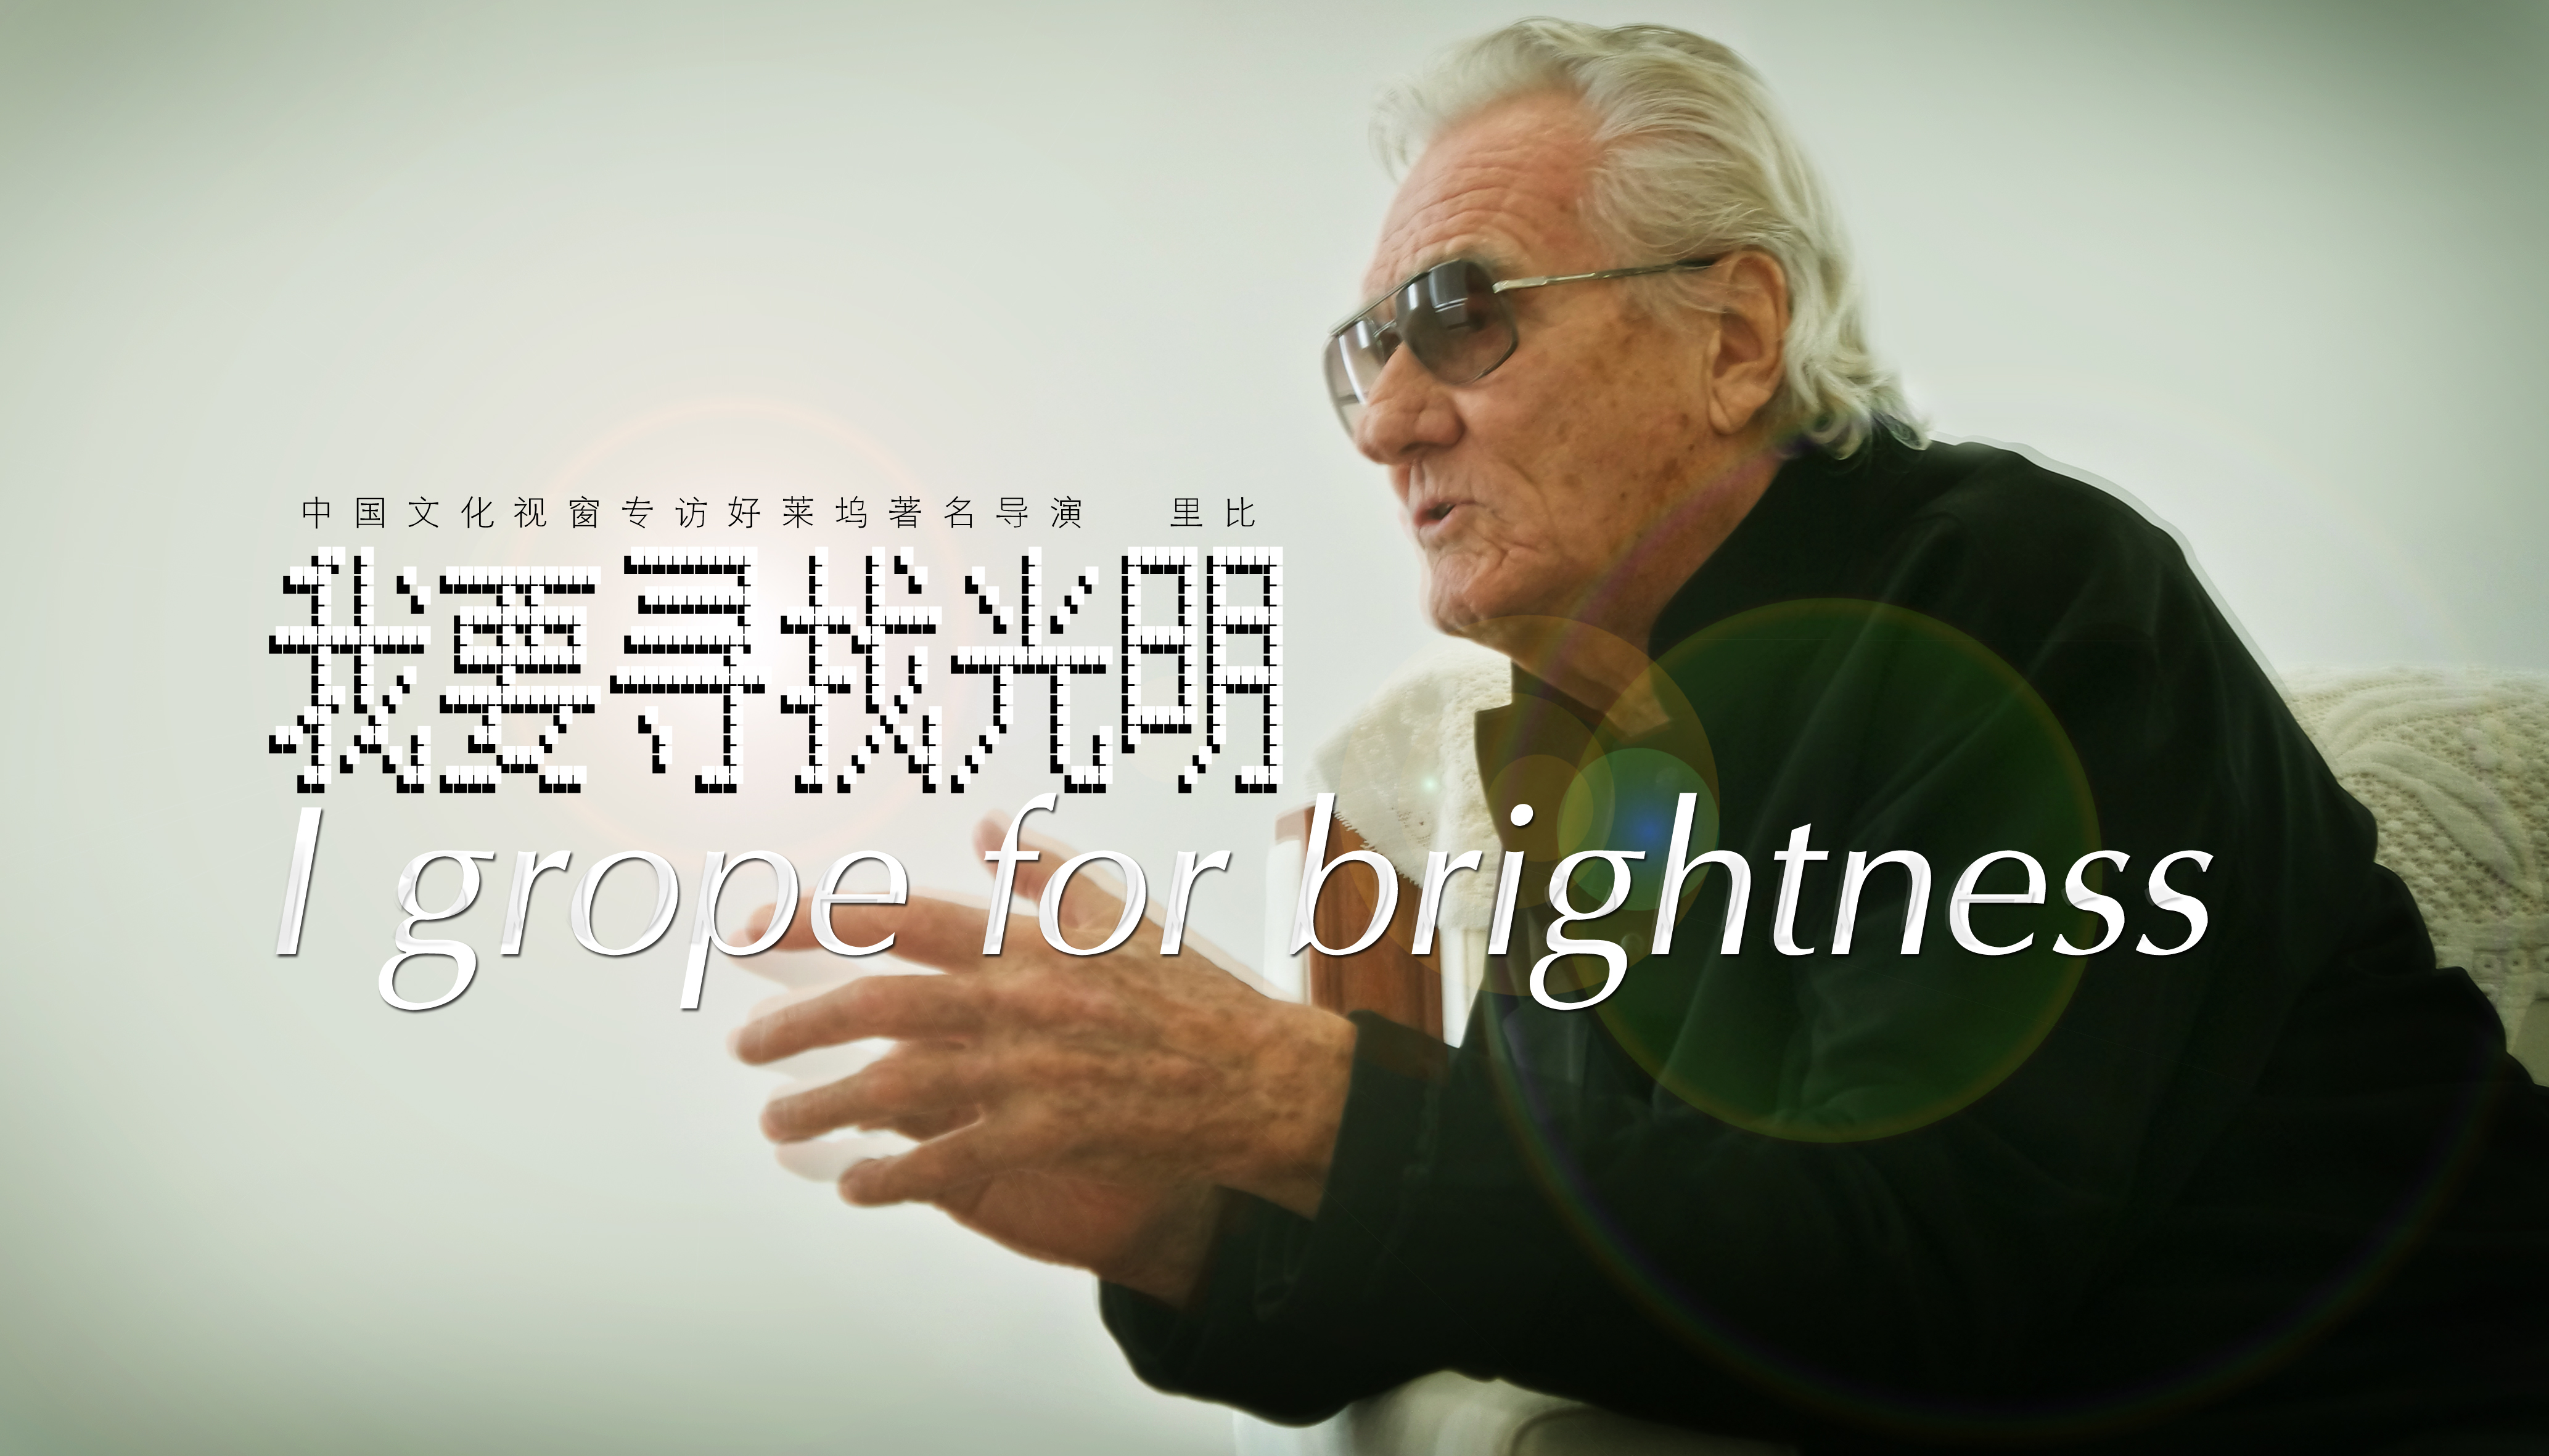 克里斯蒂·里比:我要寻找光明